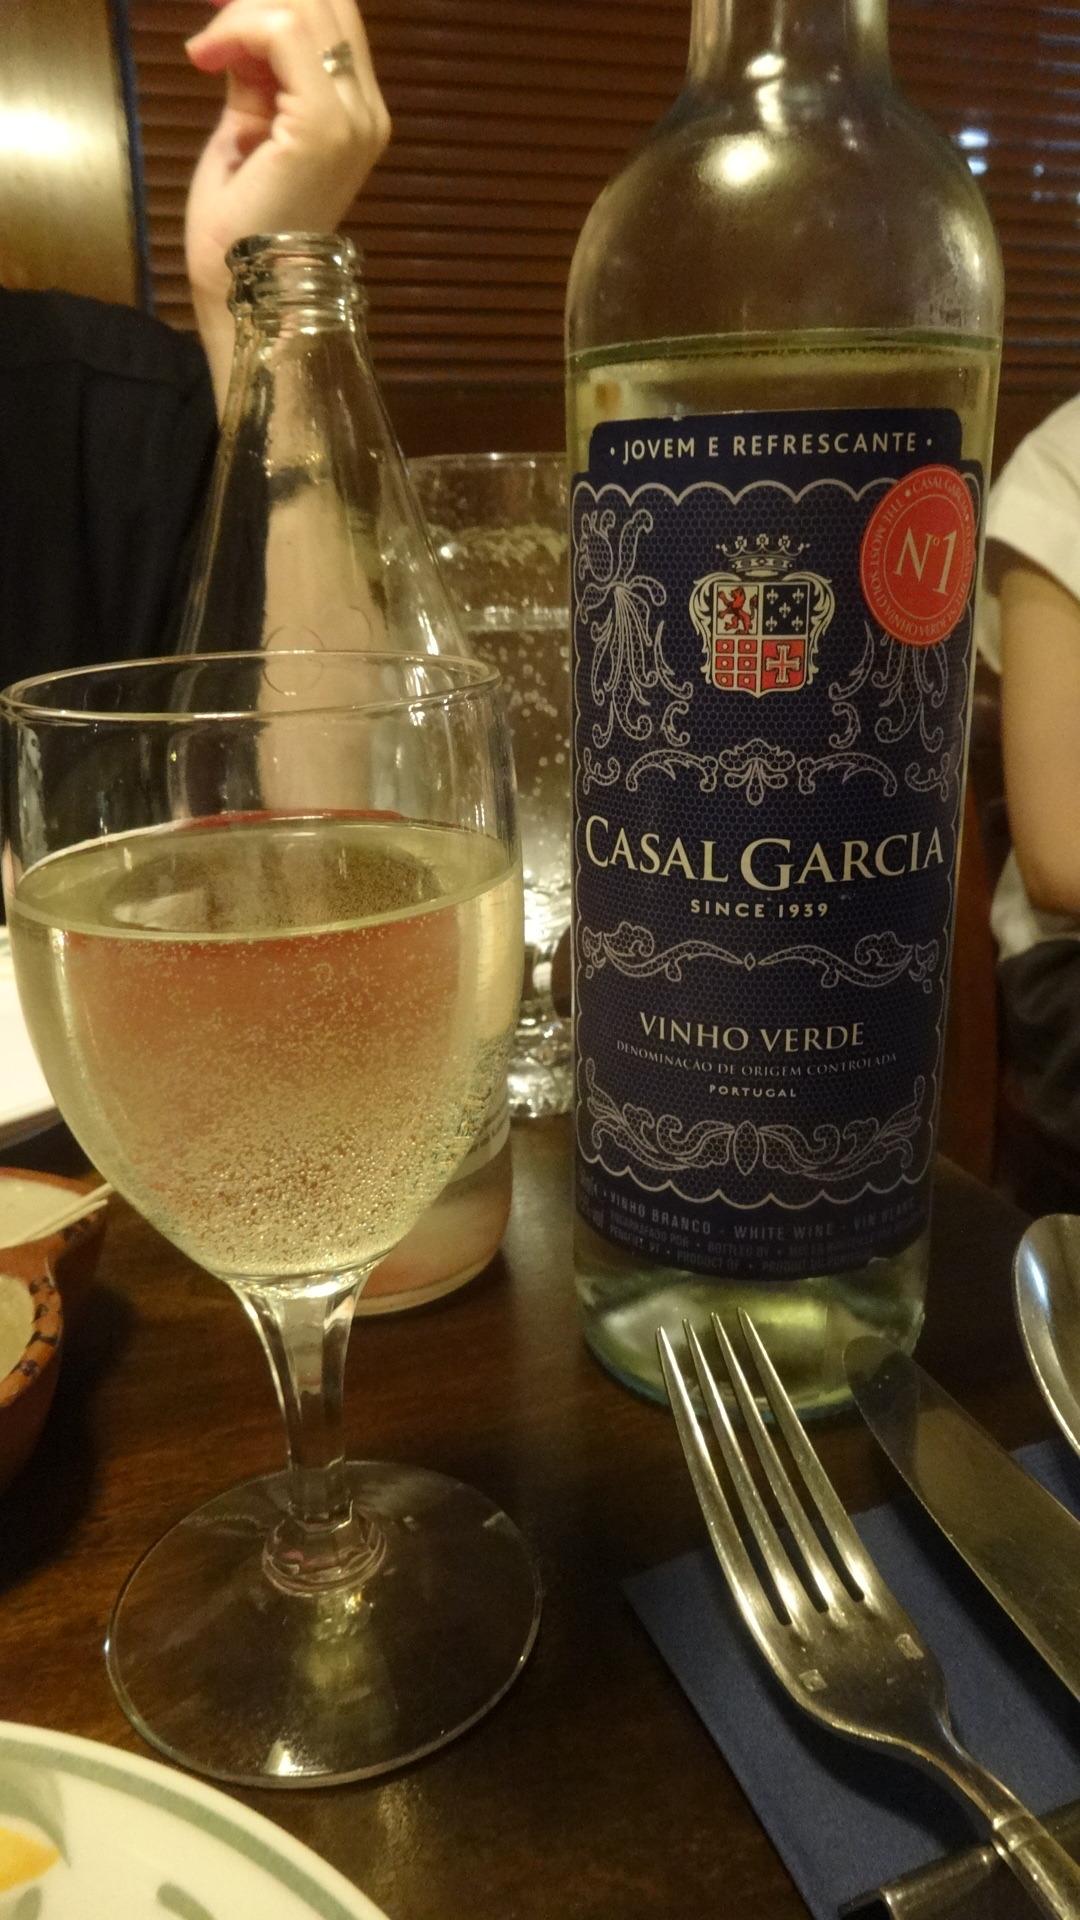 ヴィーニョヴェルデ・緑のワイン